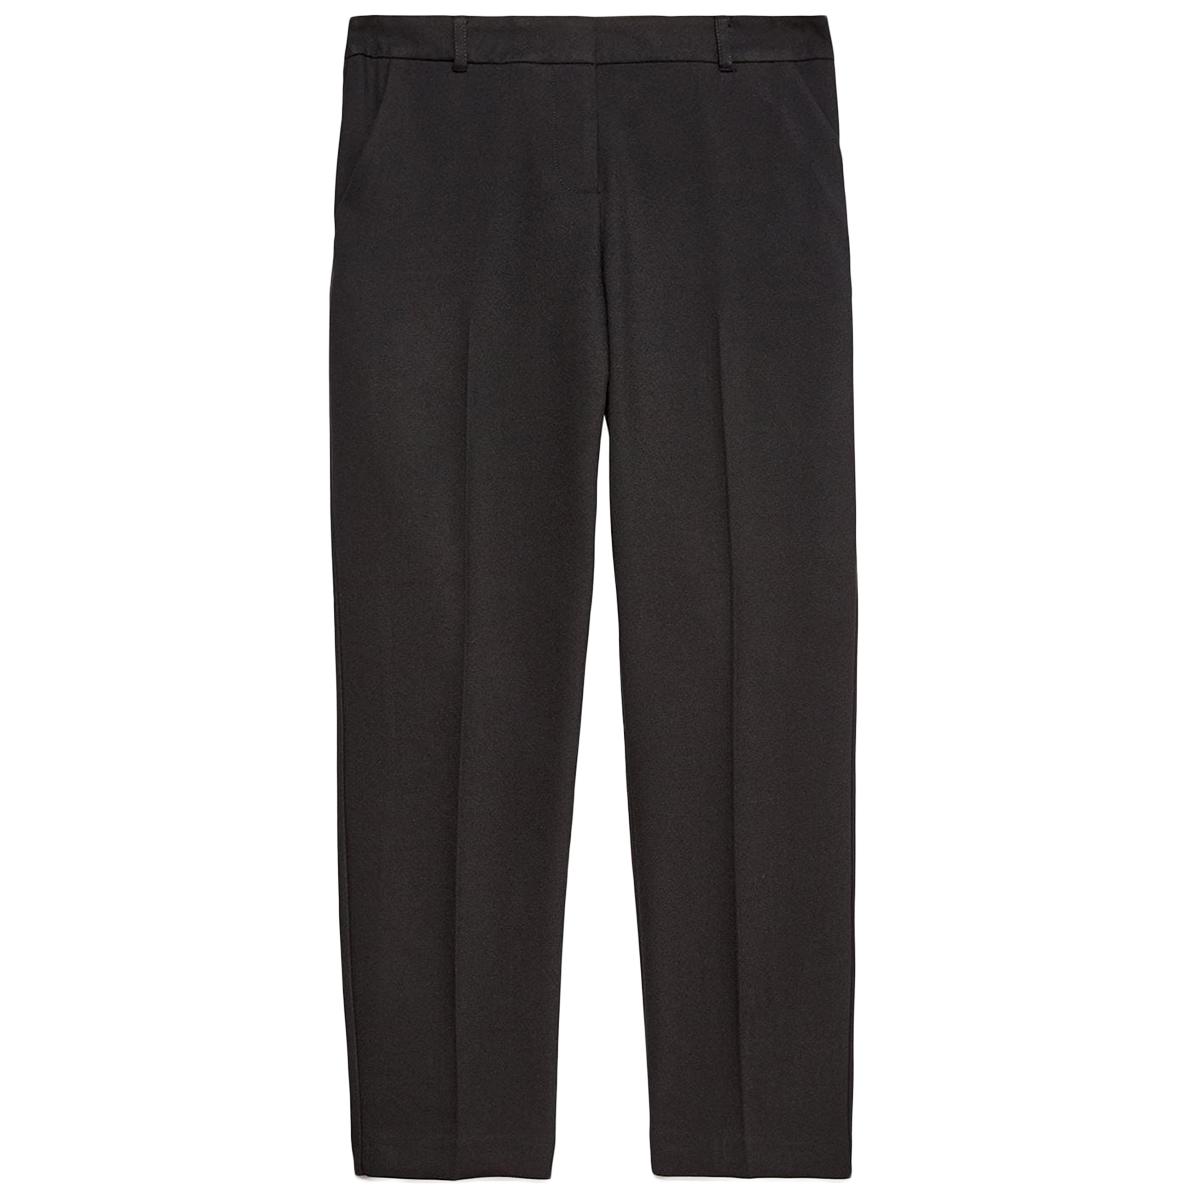 Jack Wills Women's Kestlemill Slim Trouser - Black, 10